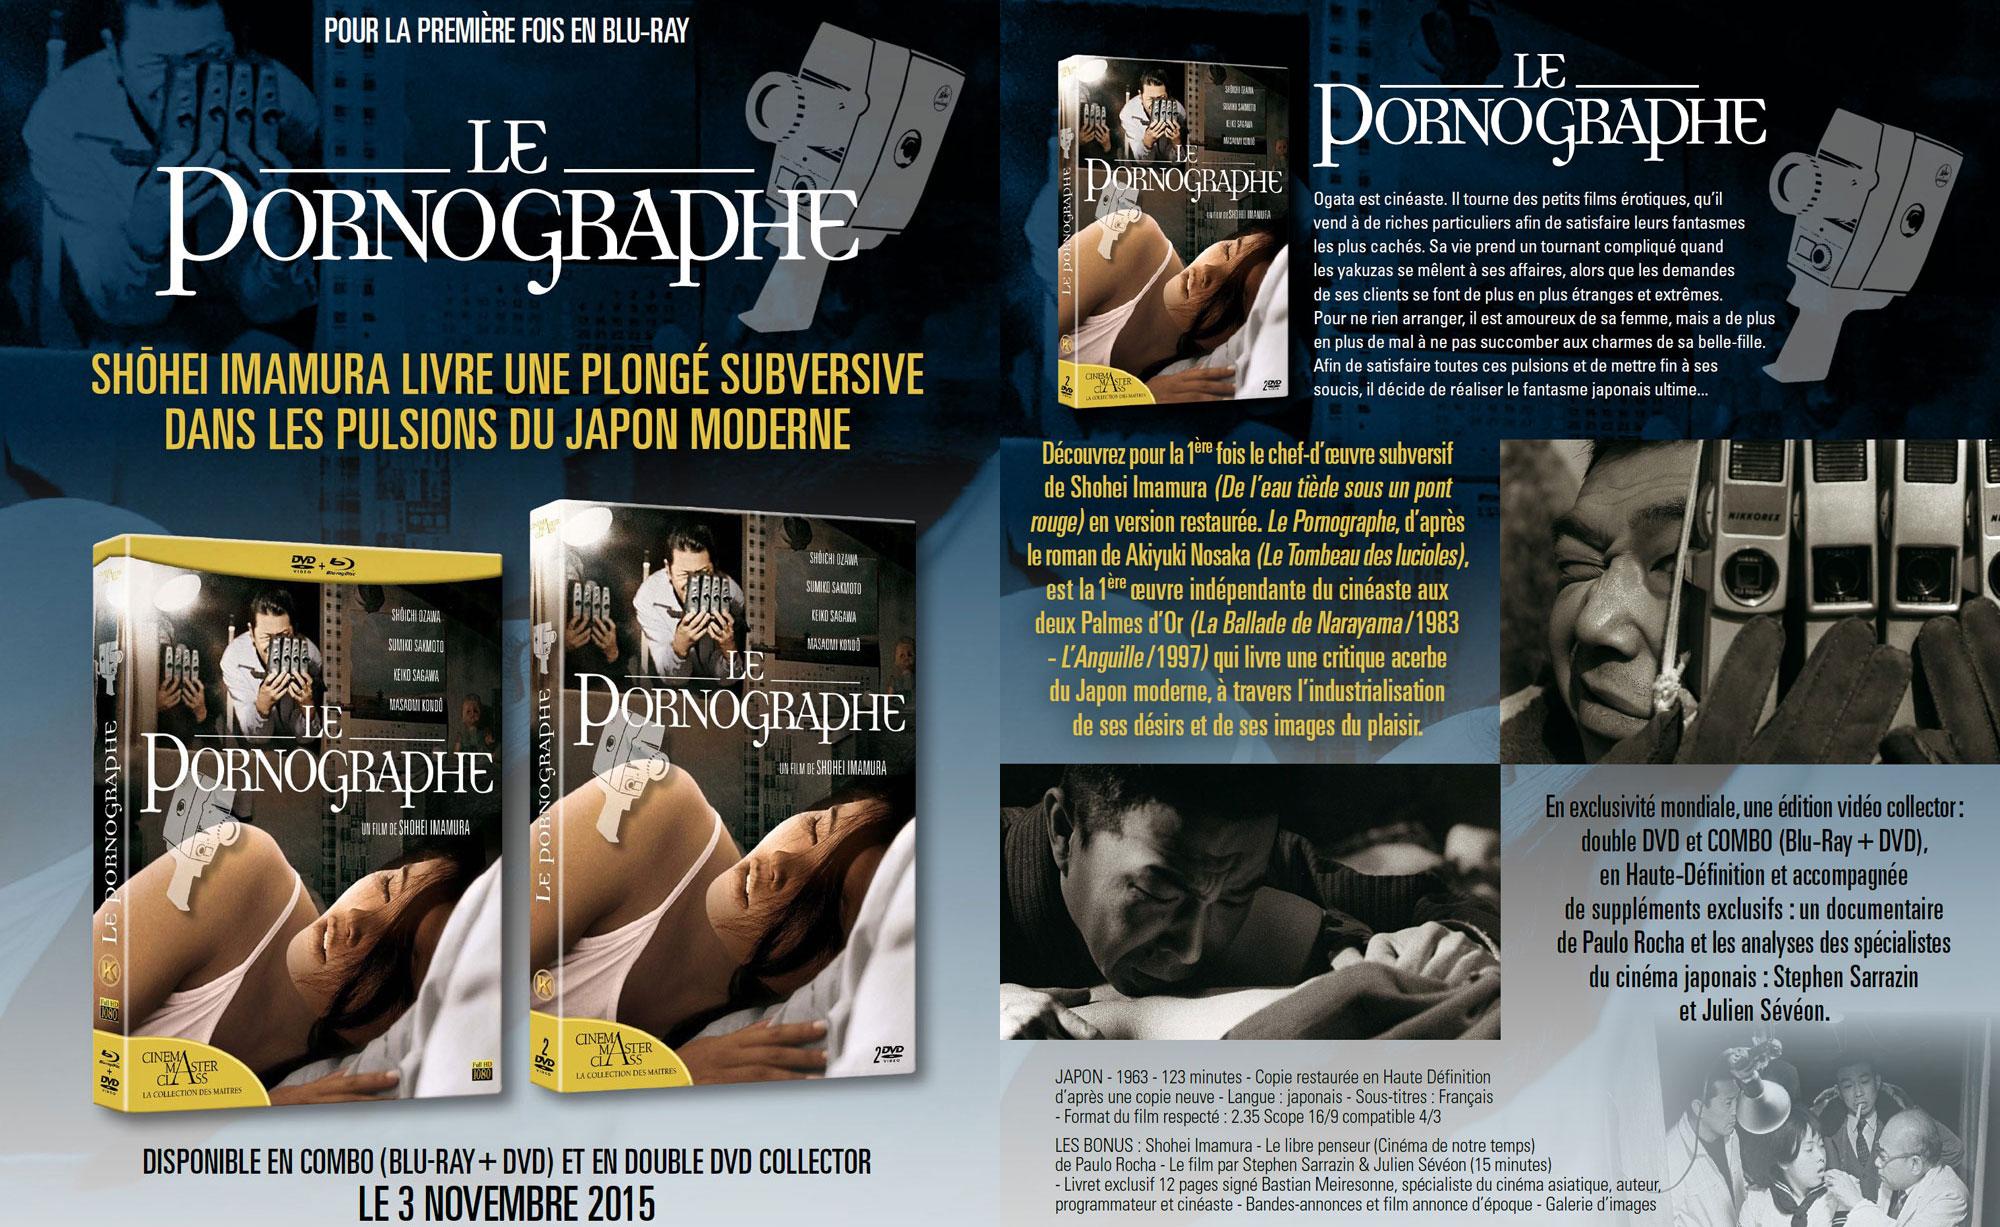 Le Pornographe - Annonce Blu-ray